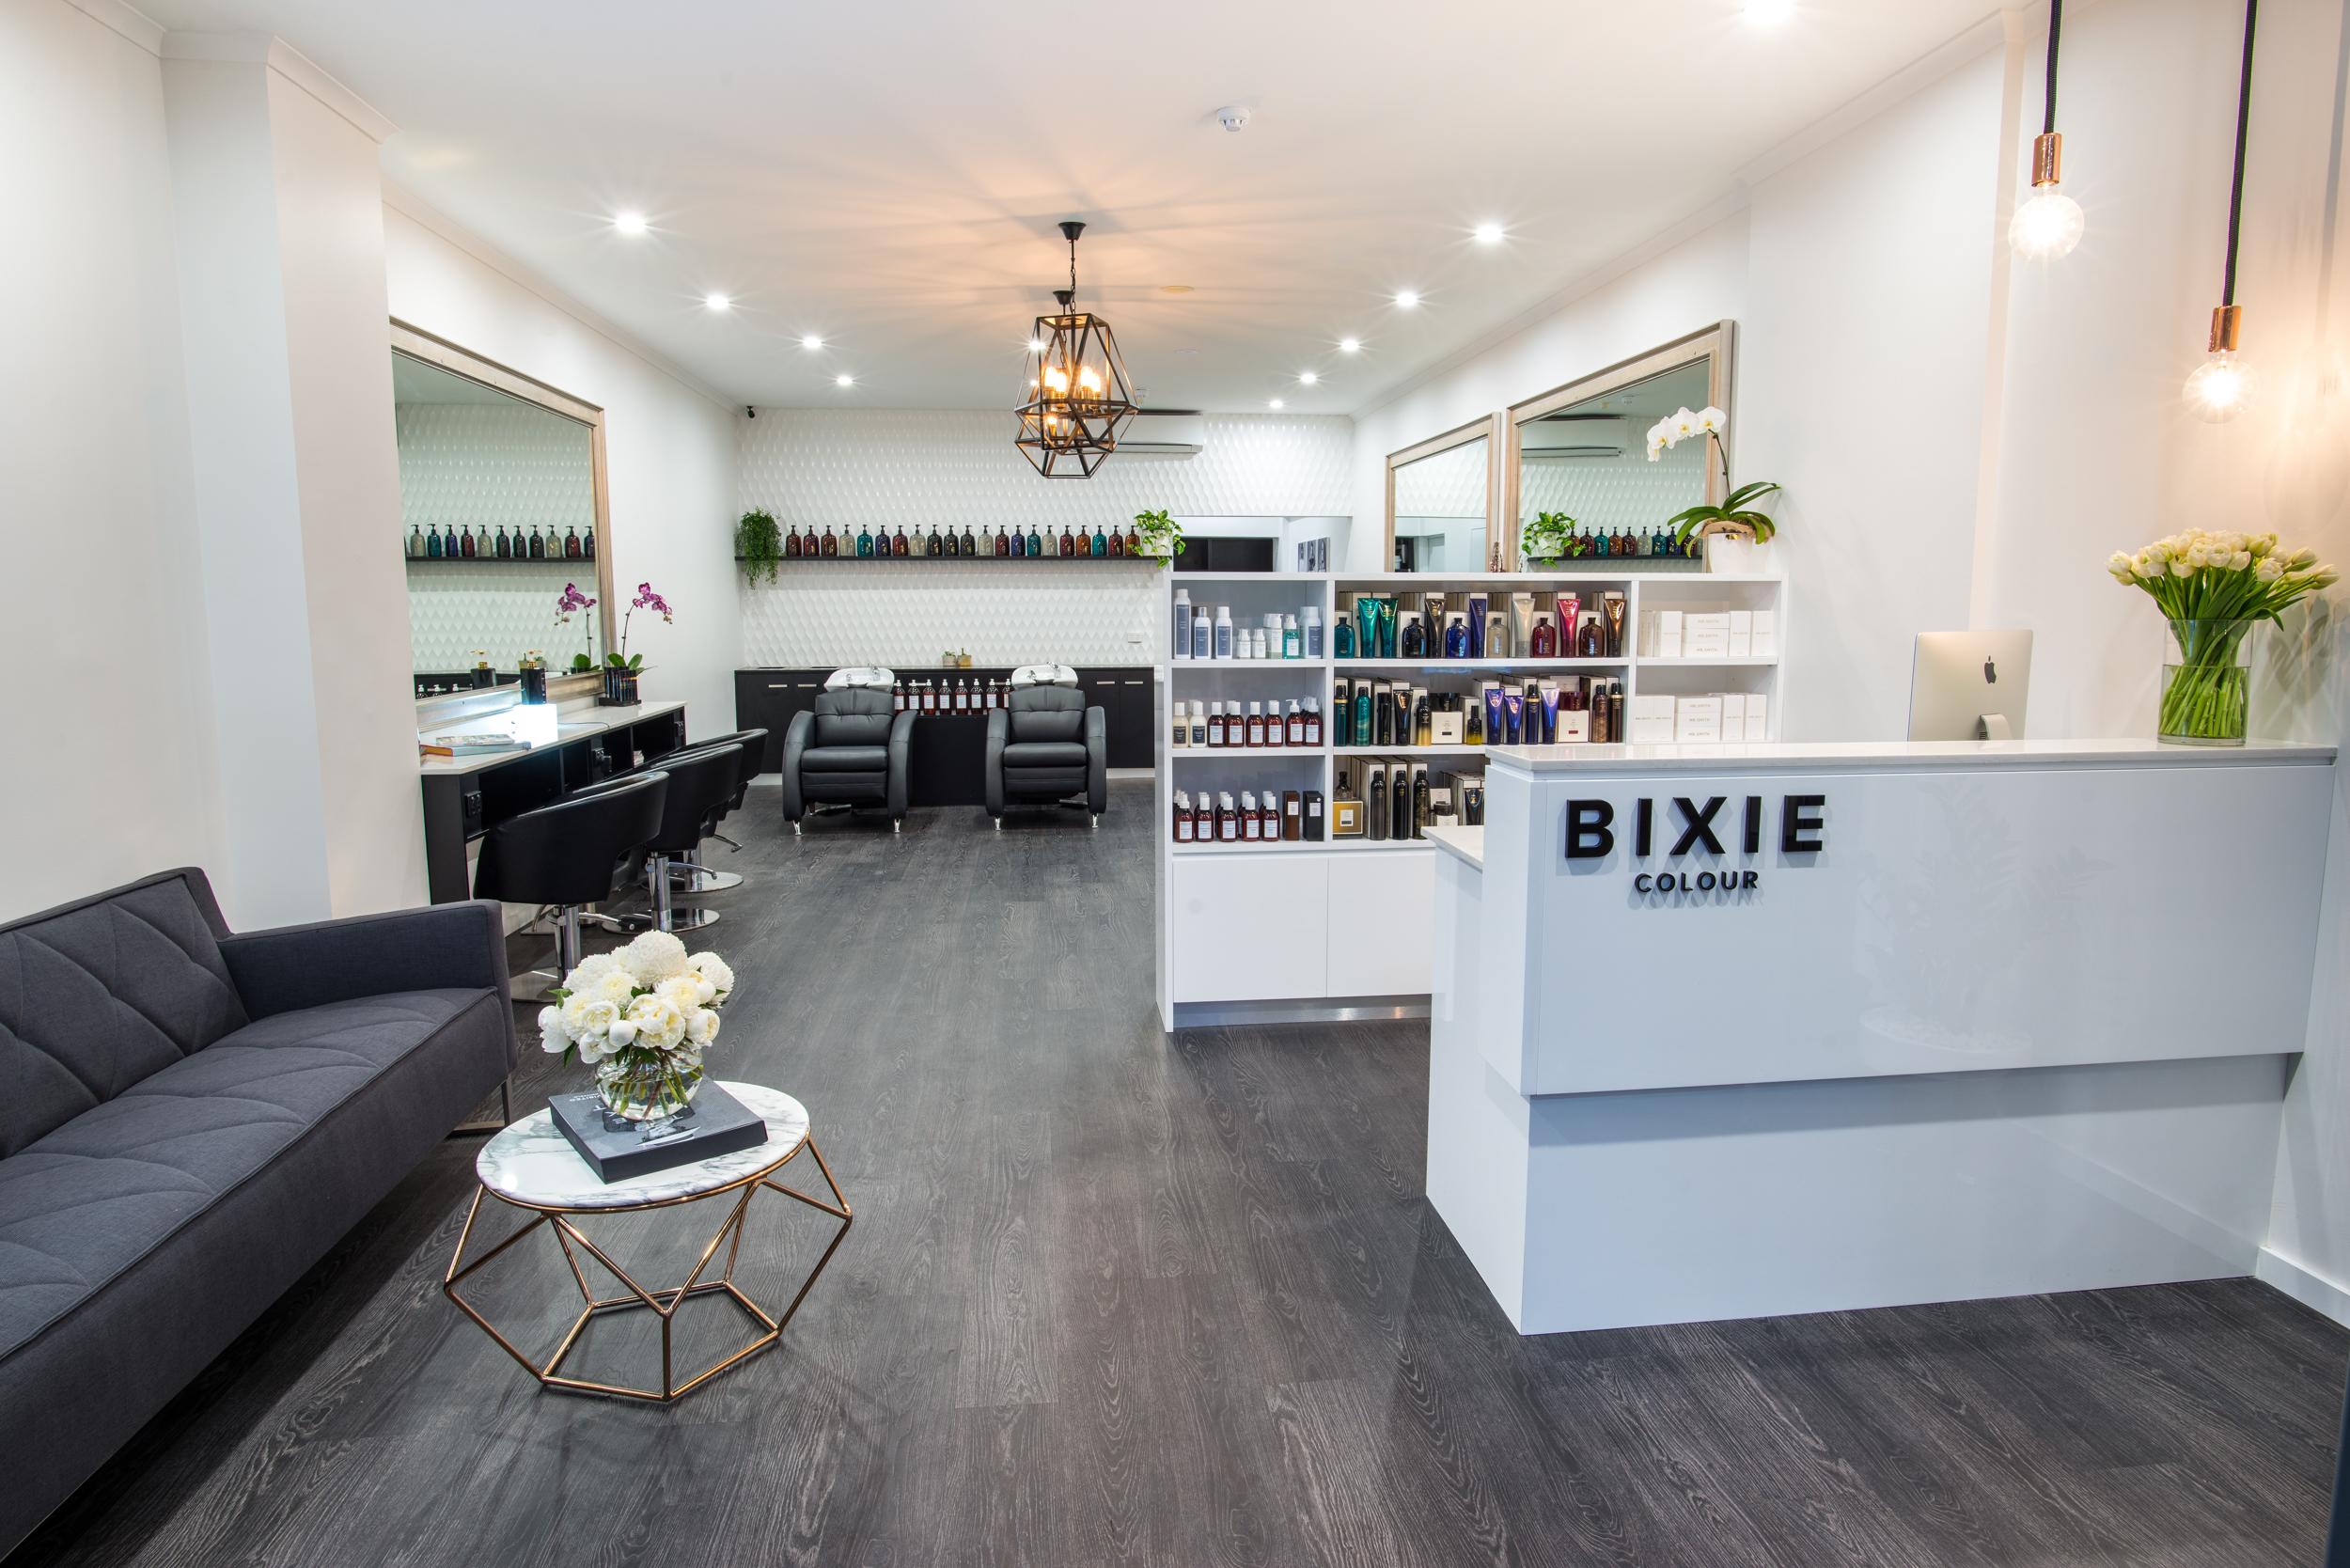 Bixie LRes-5